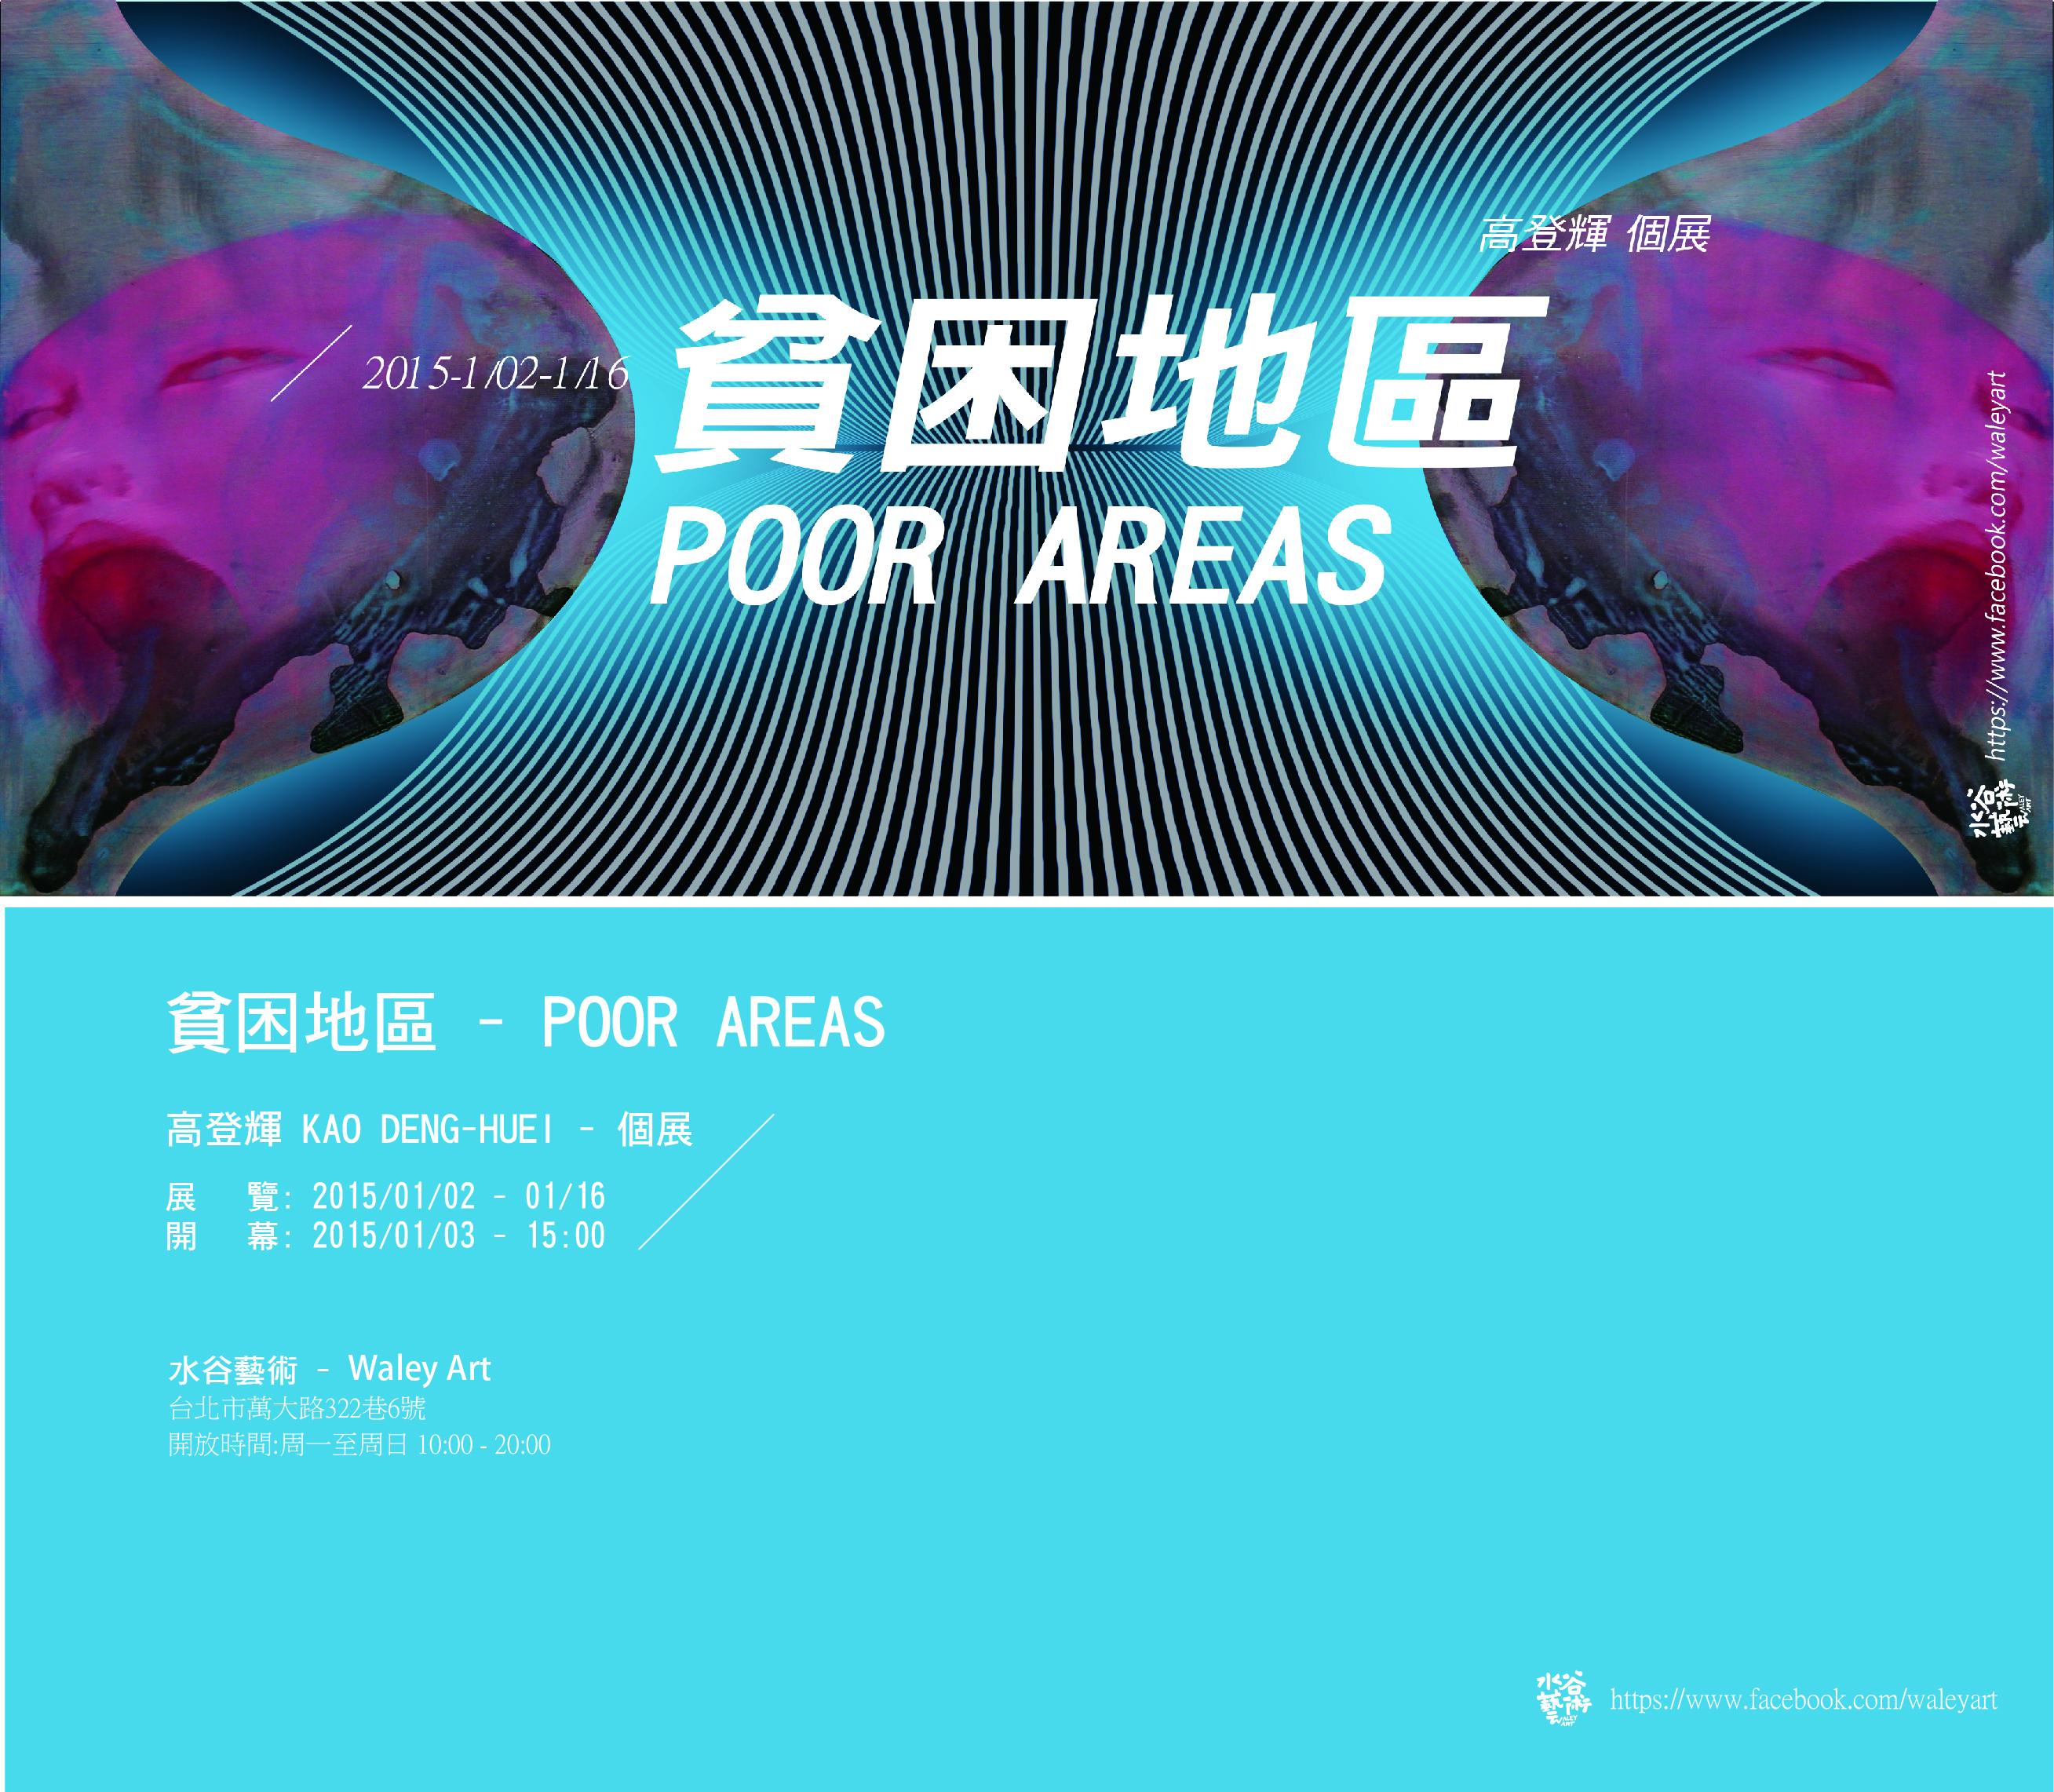 貧困地區展覽酷卡.jpg